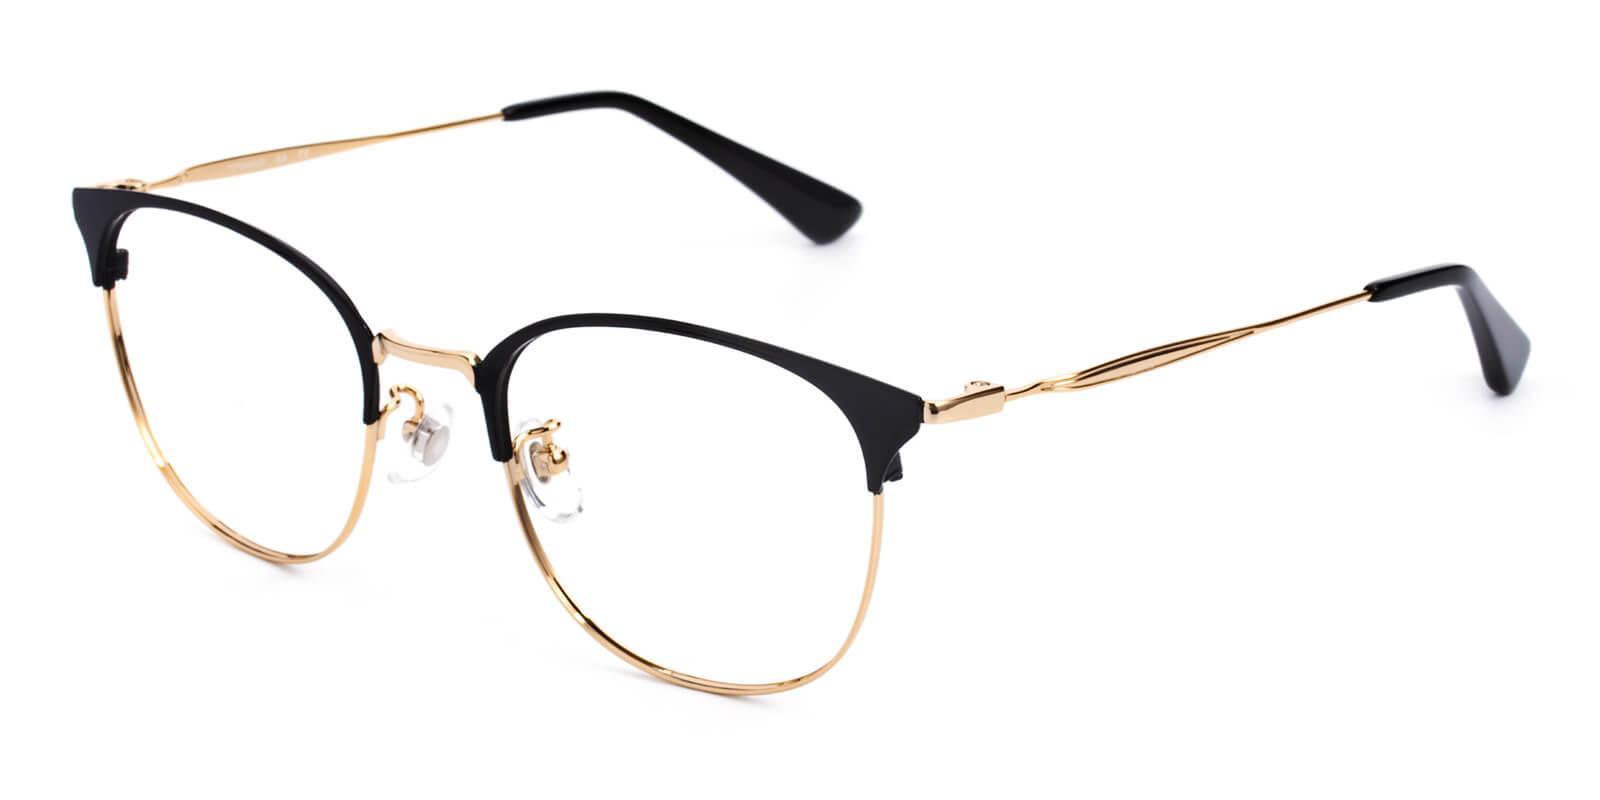 Belle-Gold-Cat-Titanium-Eyeglasses-additional1